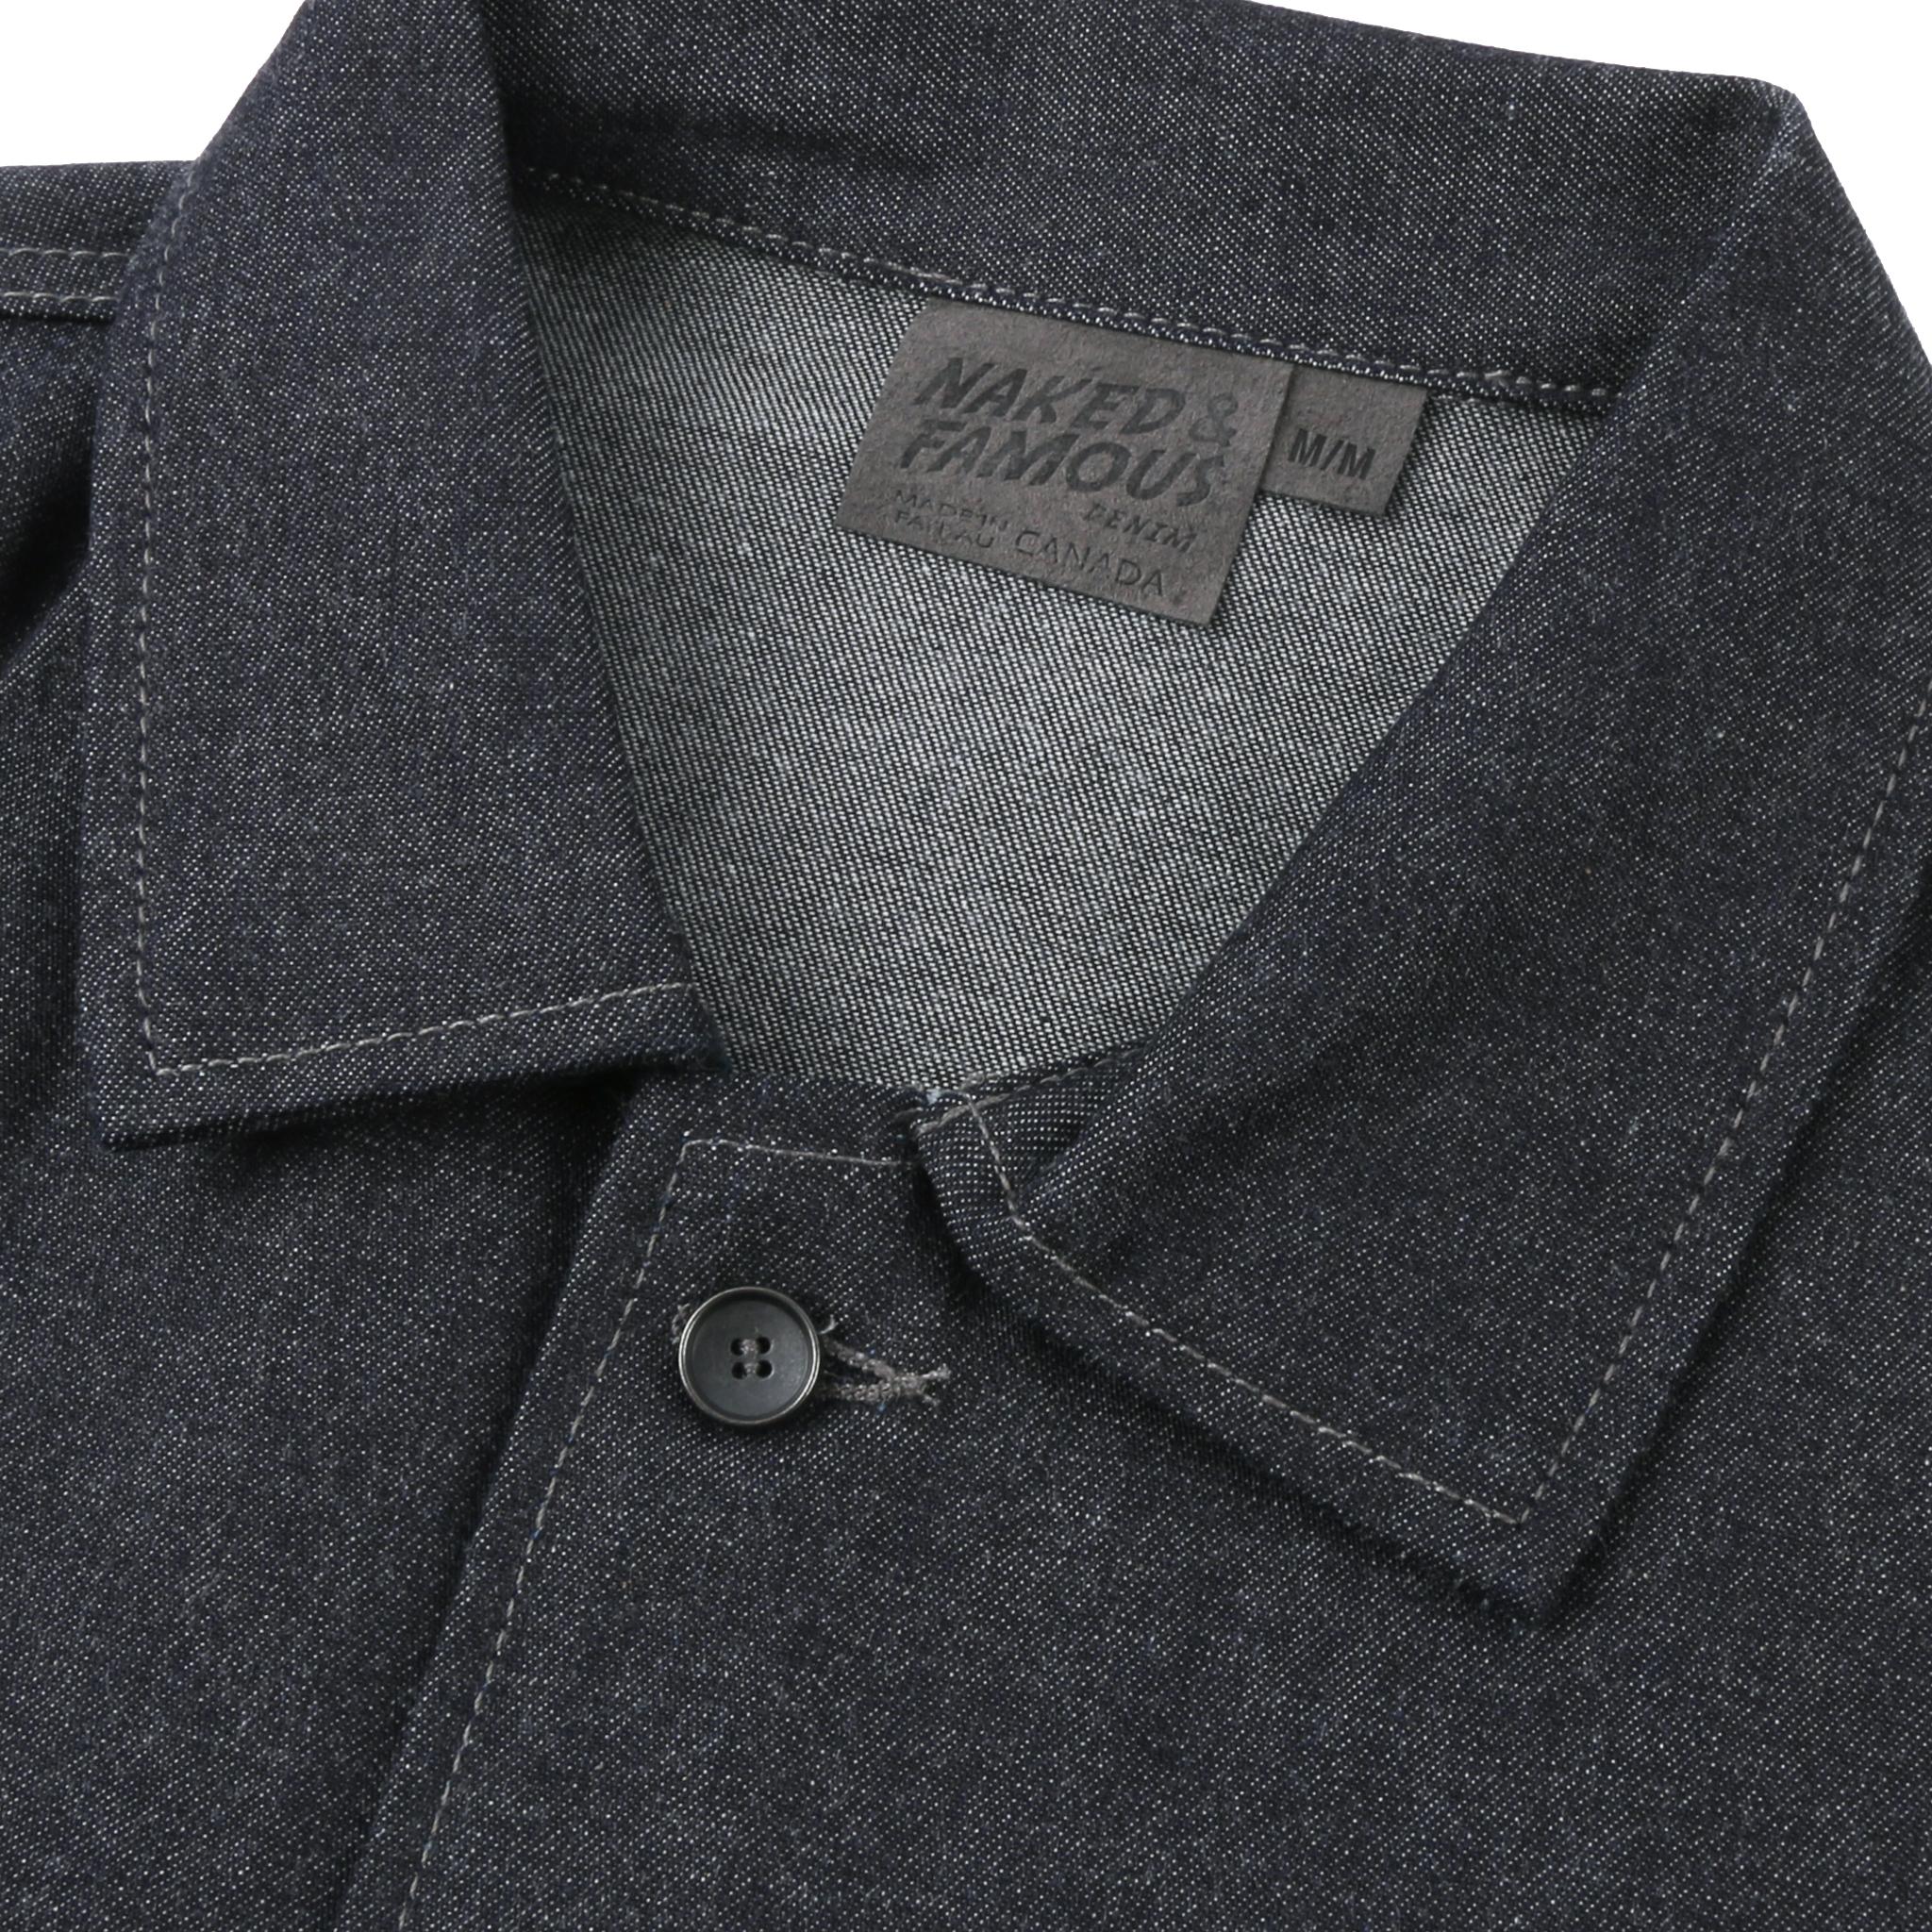 10pz Indigo Denim Workshirt Collar View